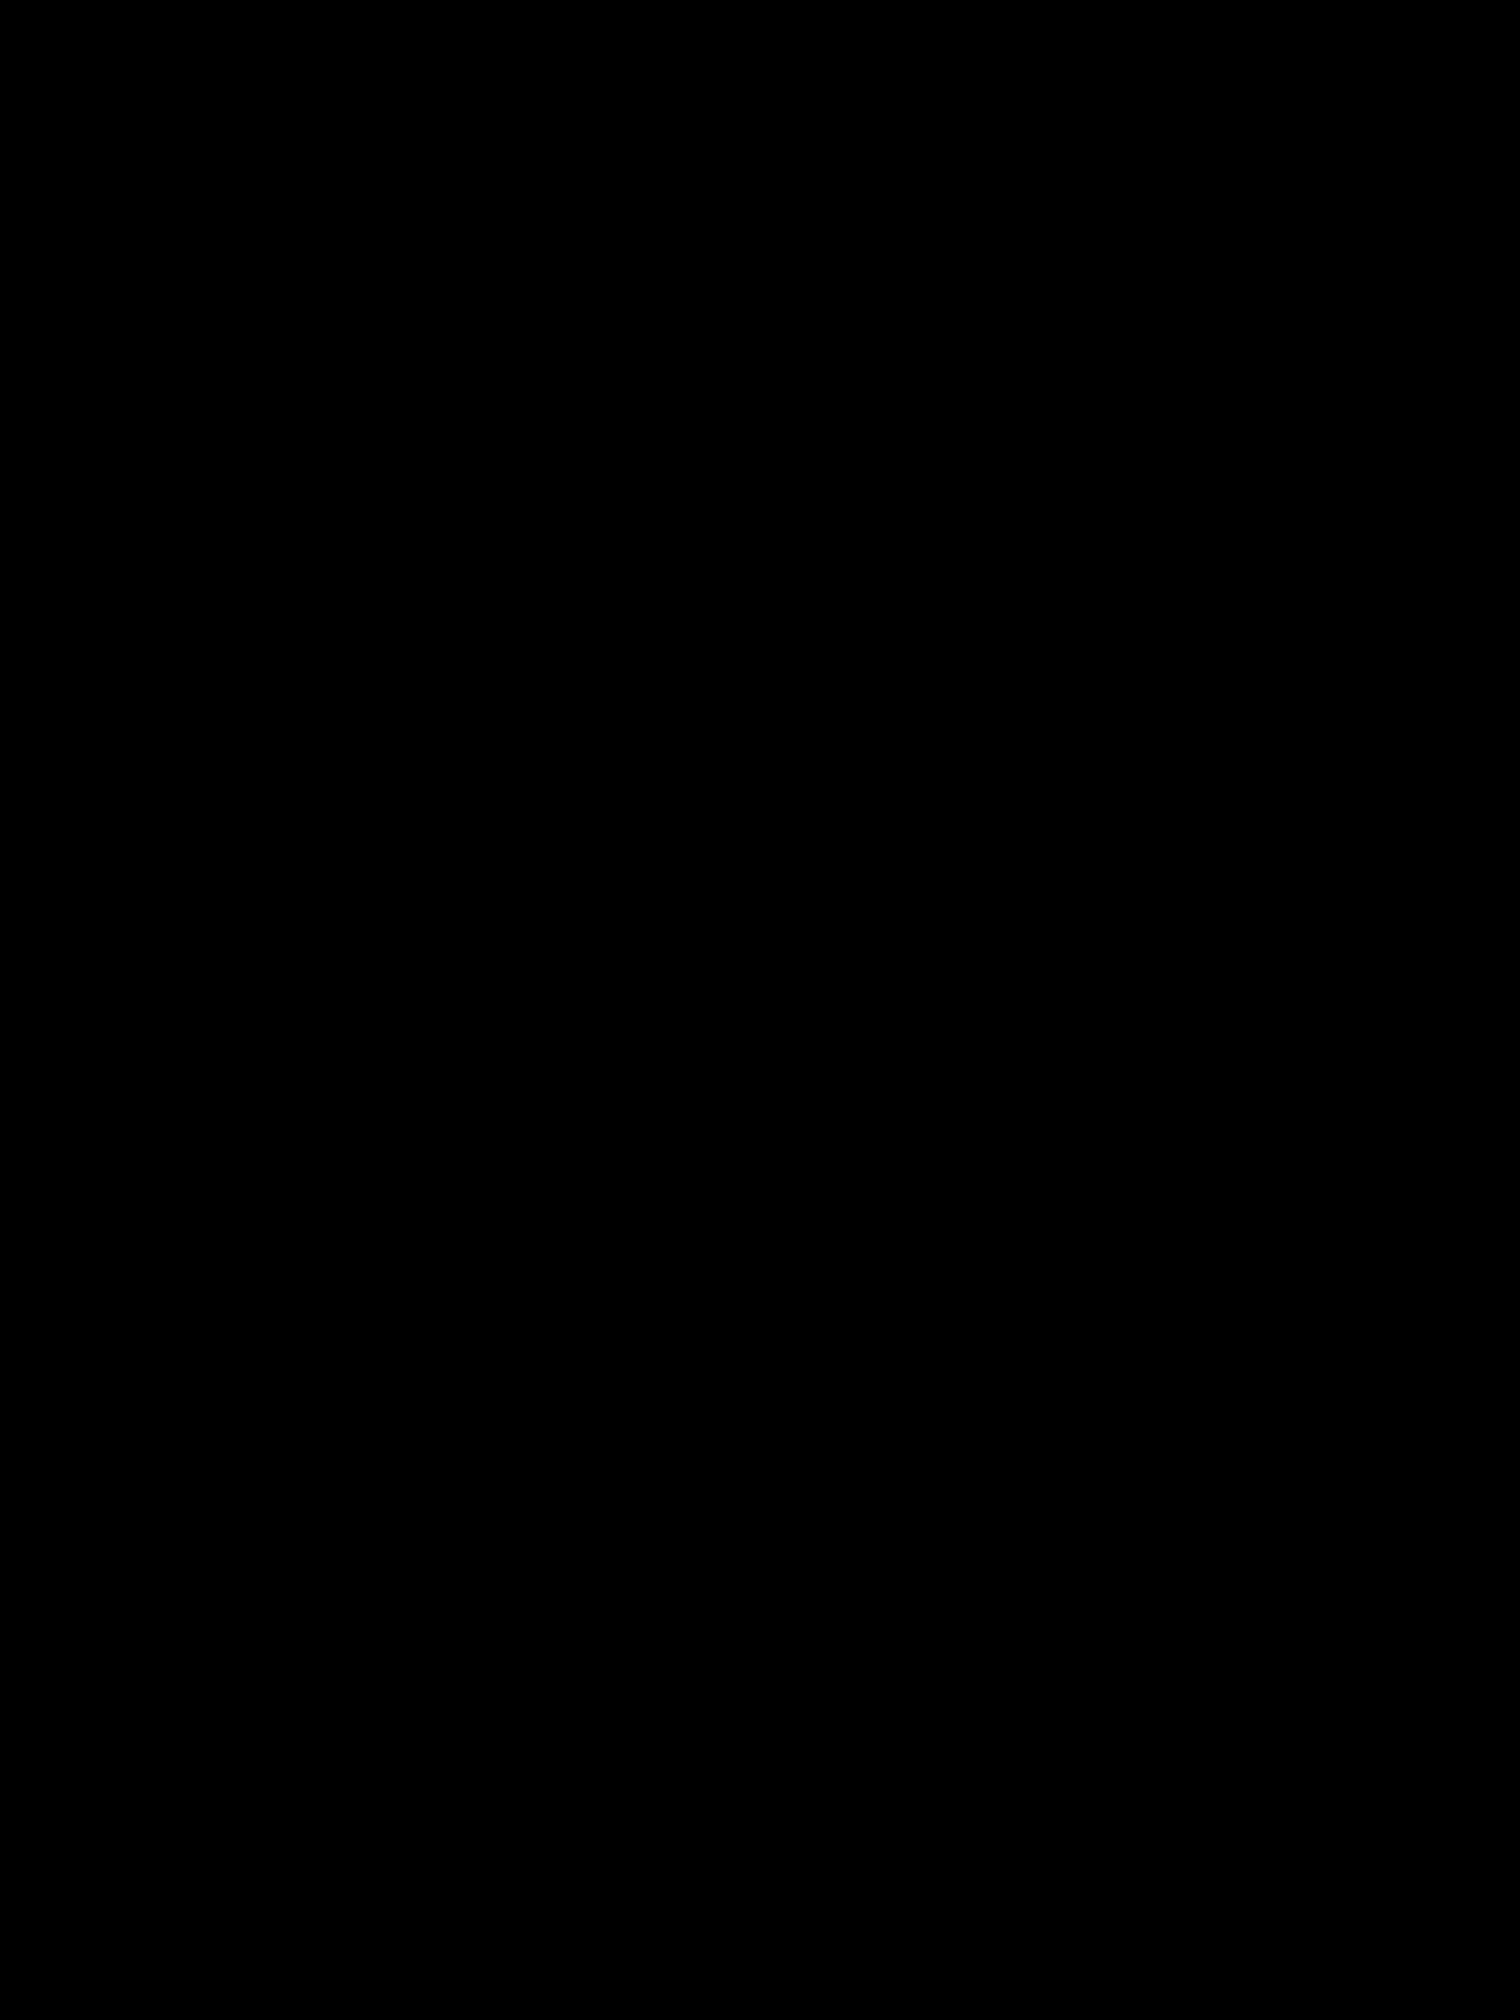 Fjölmennt á félagsmiðstöðvadeginum